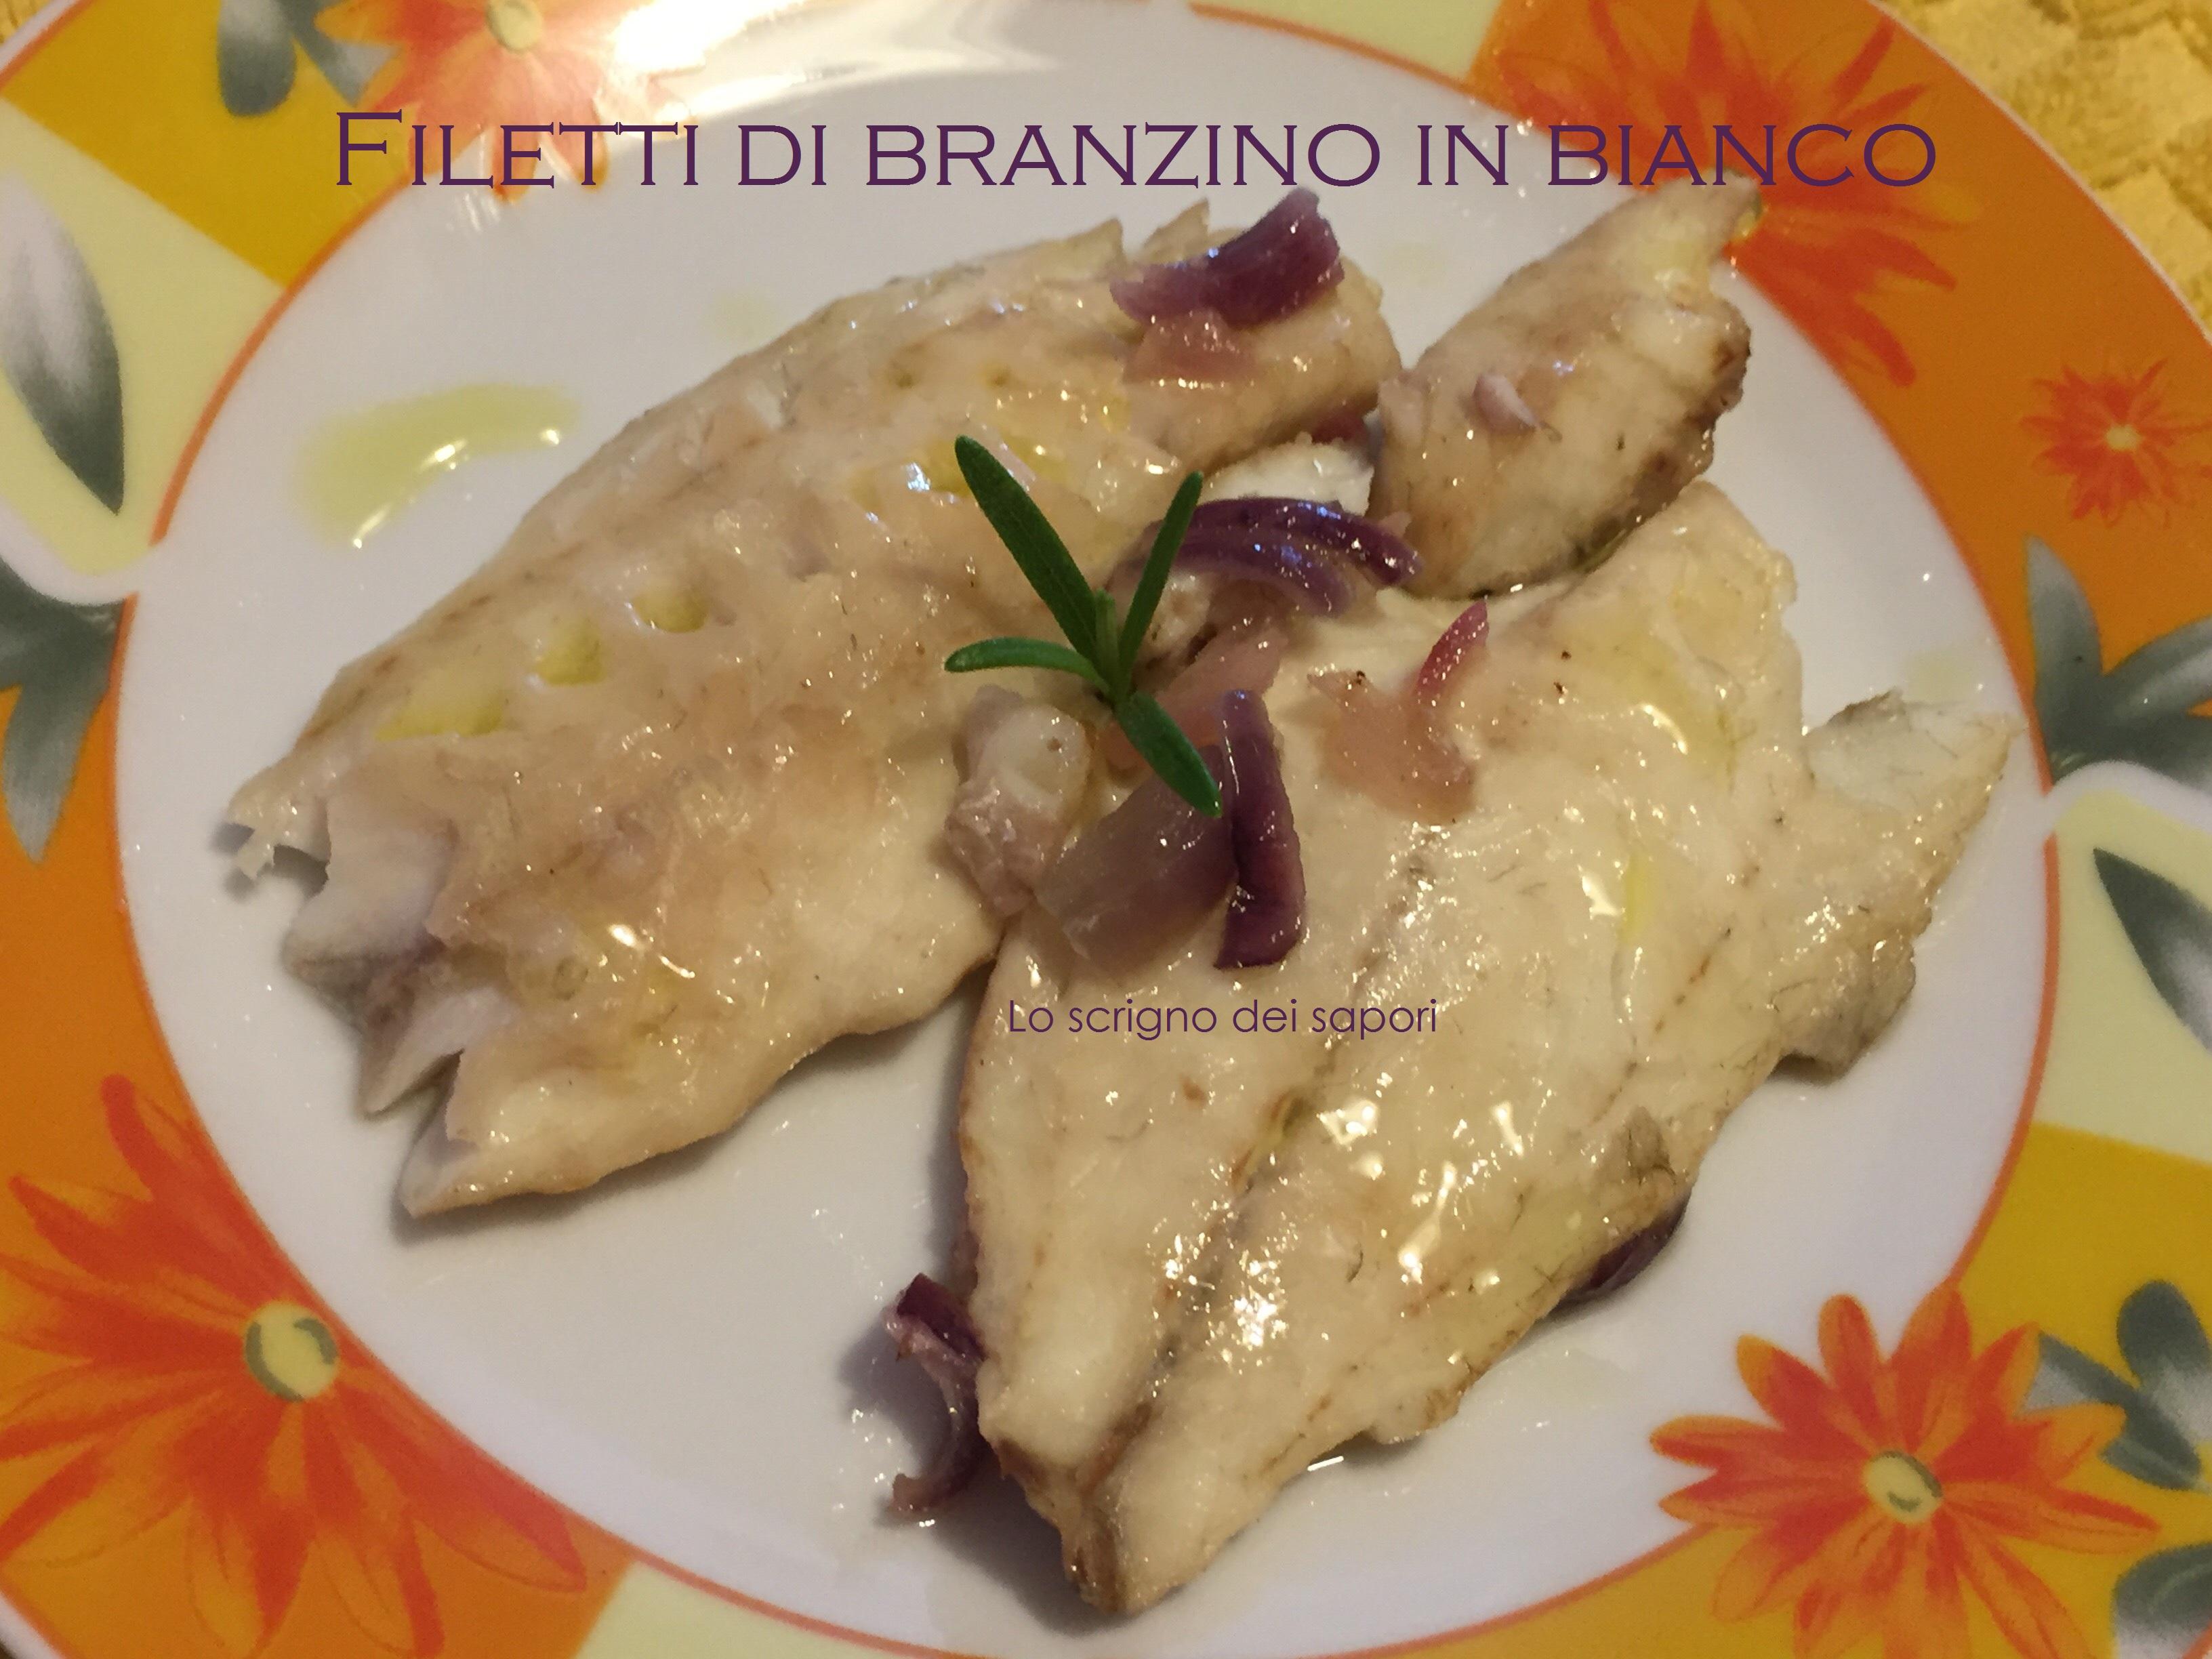 Filetti Di Branzino In Bianco